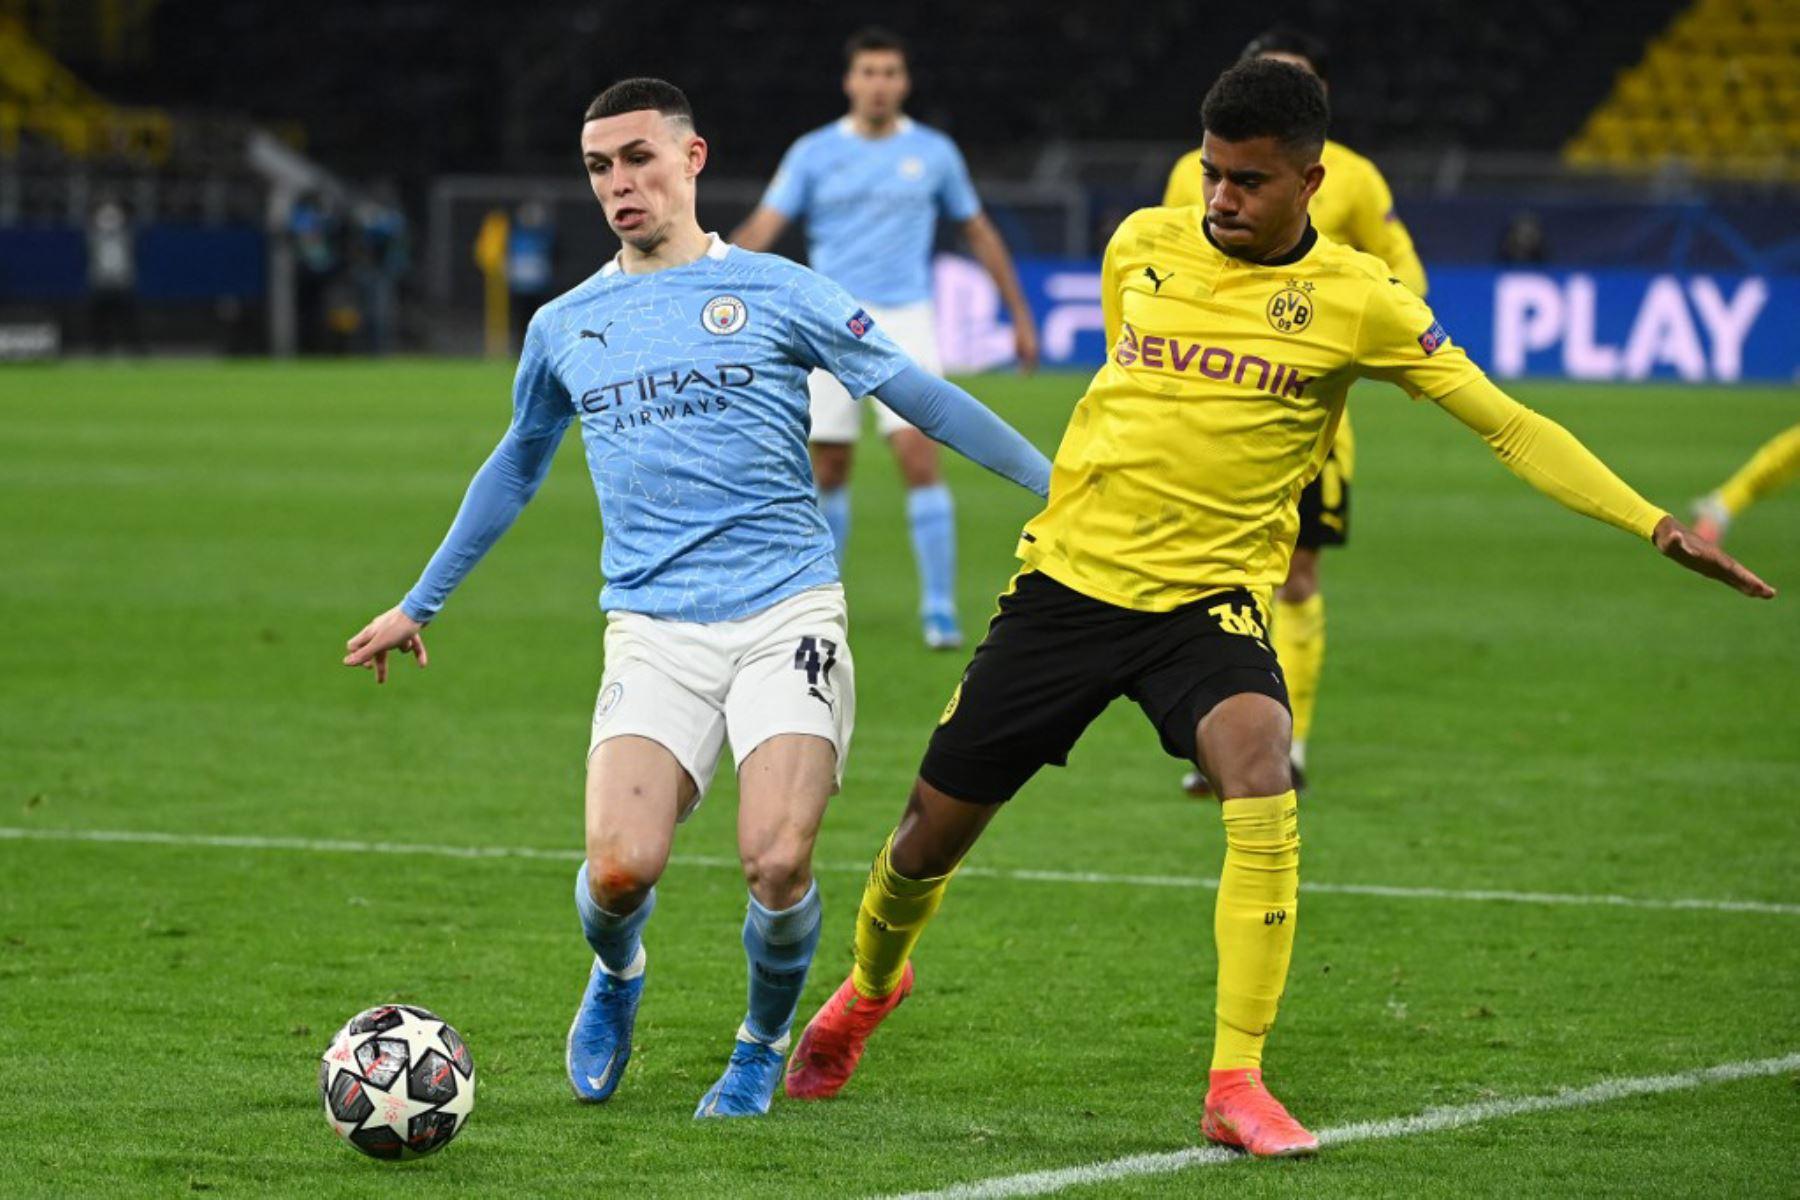 El centrocampista inglés del Manchester City Phil Foden (L) y el delantero alemán del Dortmund, Ansgar Knauff, compiten por el balón durante los cuartos de final de la Liga de Campeones de la UEFA el segundo partido de fútbol entre el BVB Borussia Dortmund y el Manchester City en Dortmund.  Foto: AFP